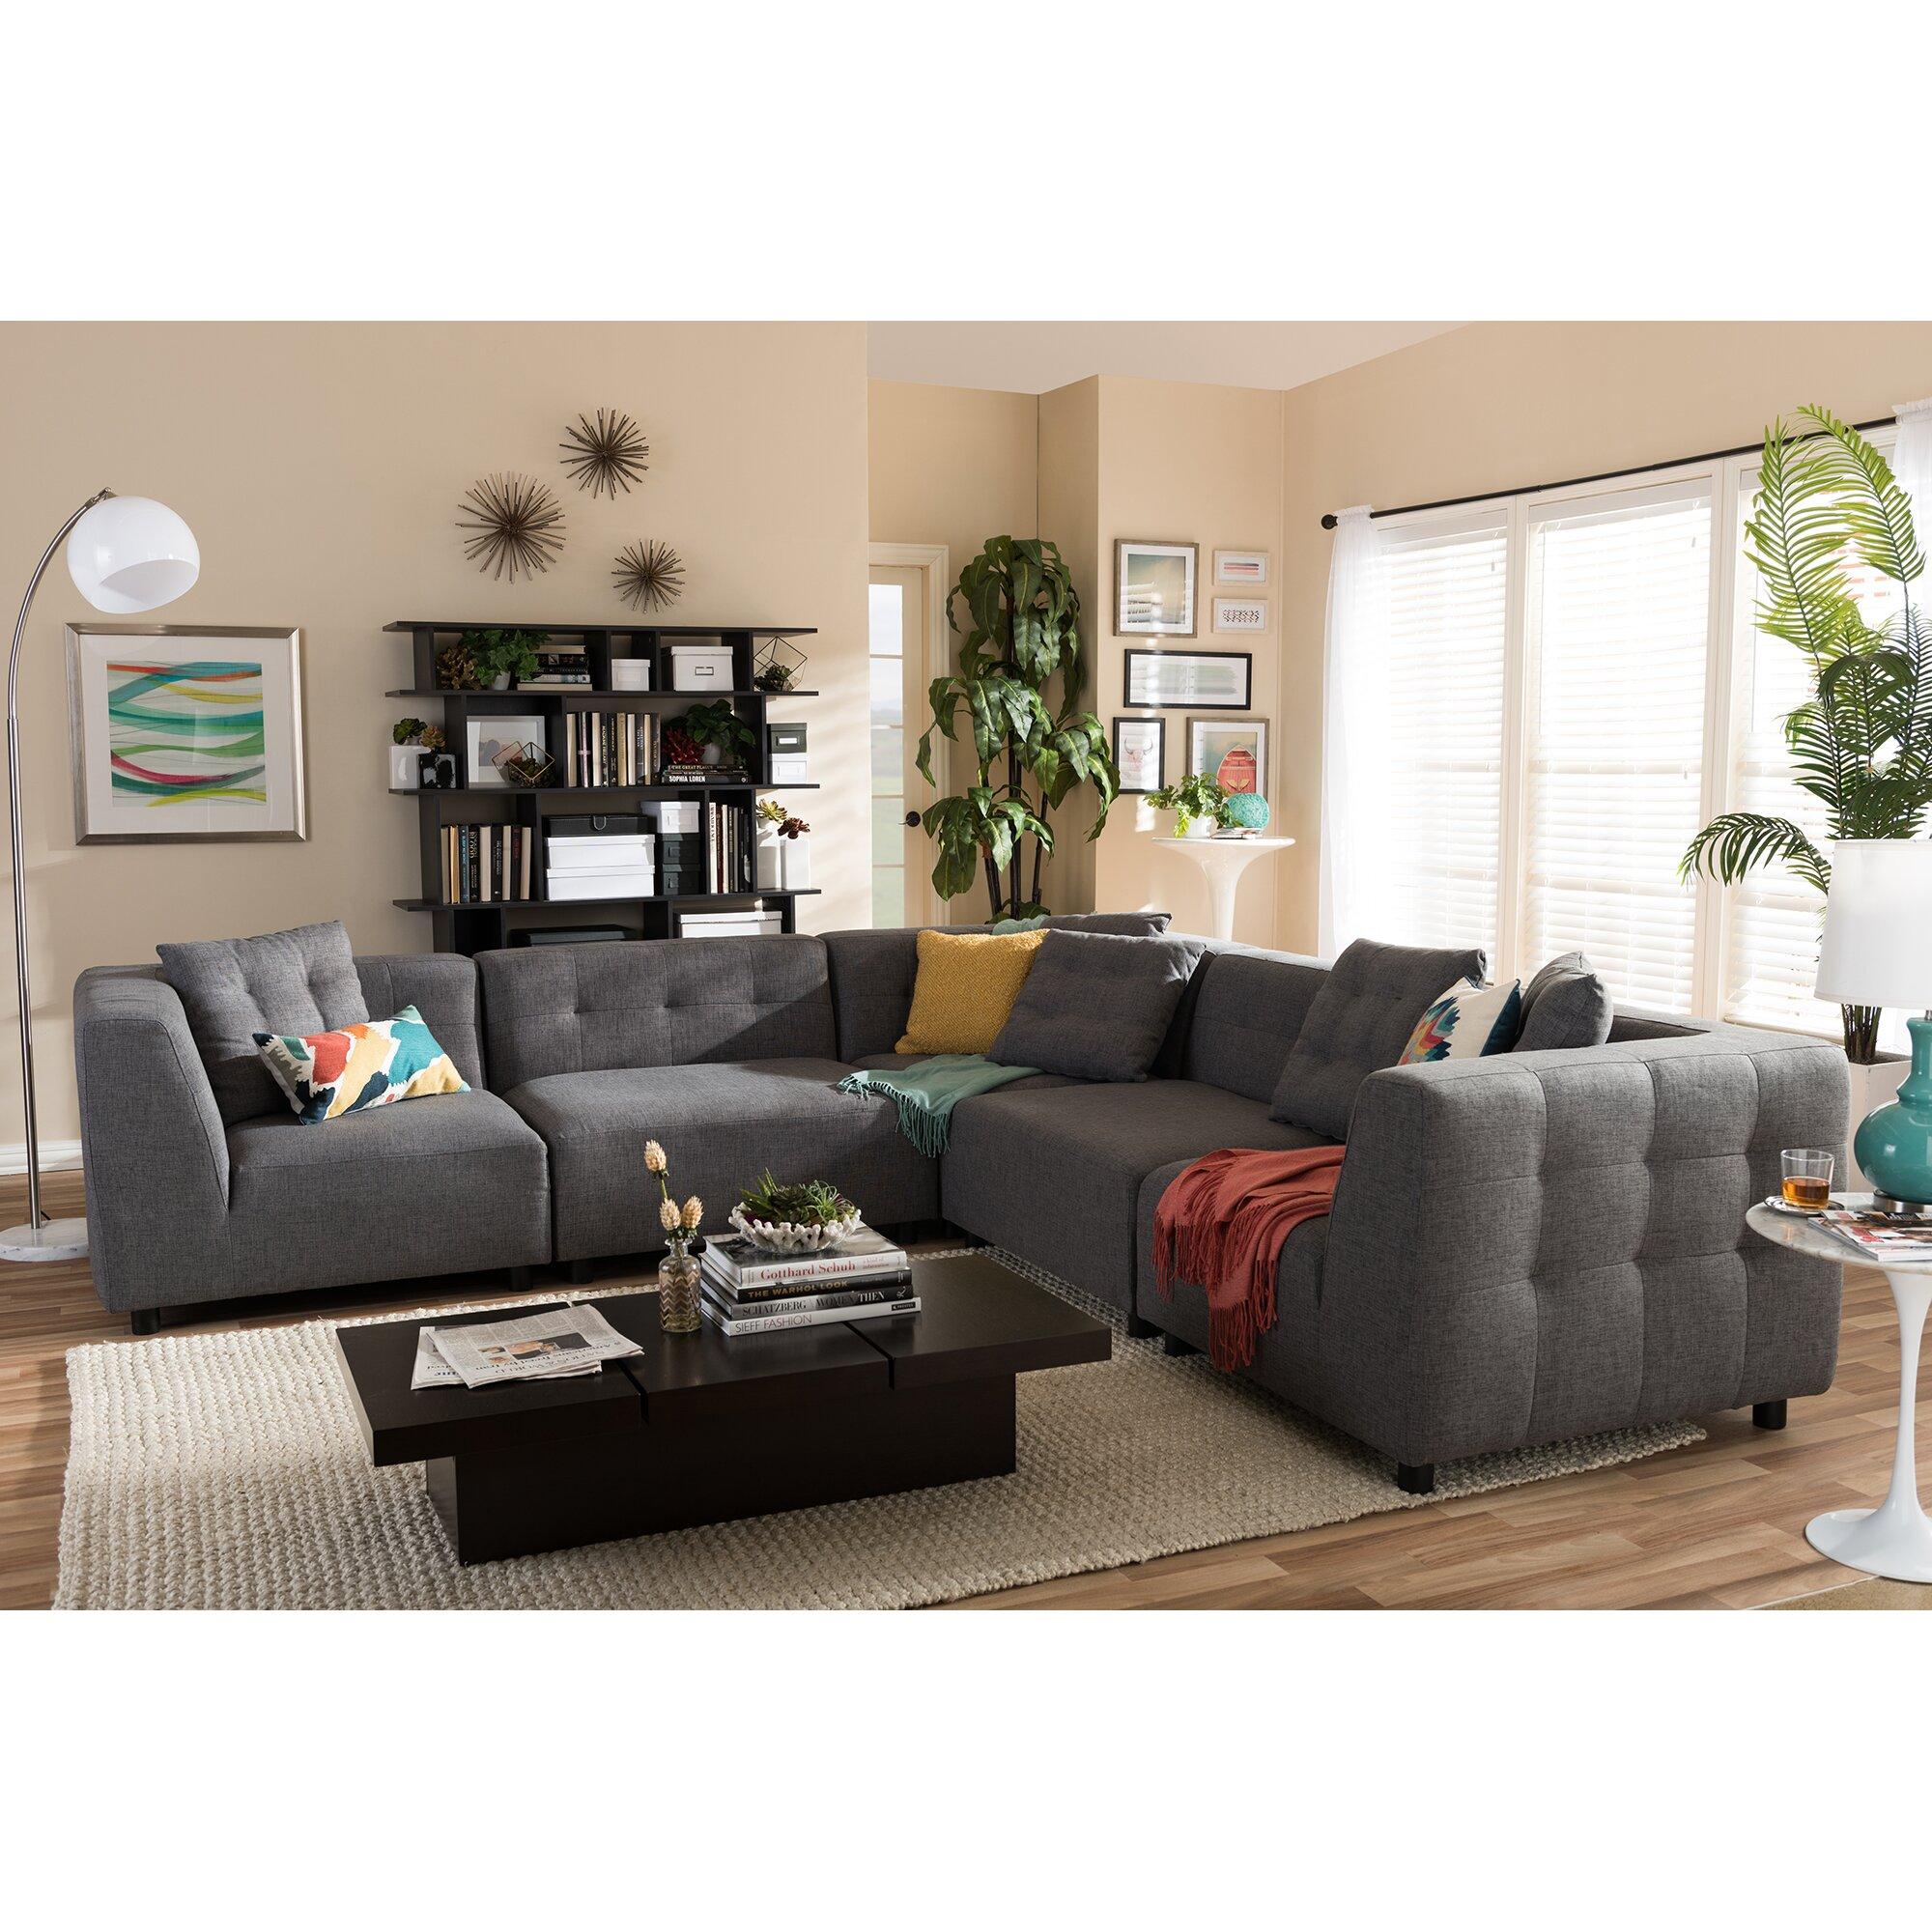 Modular Sectional Sofa Small Spaces: Latitude Run Calla Modular Sectional & Reviews